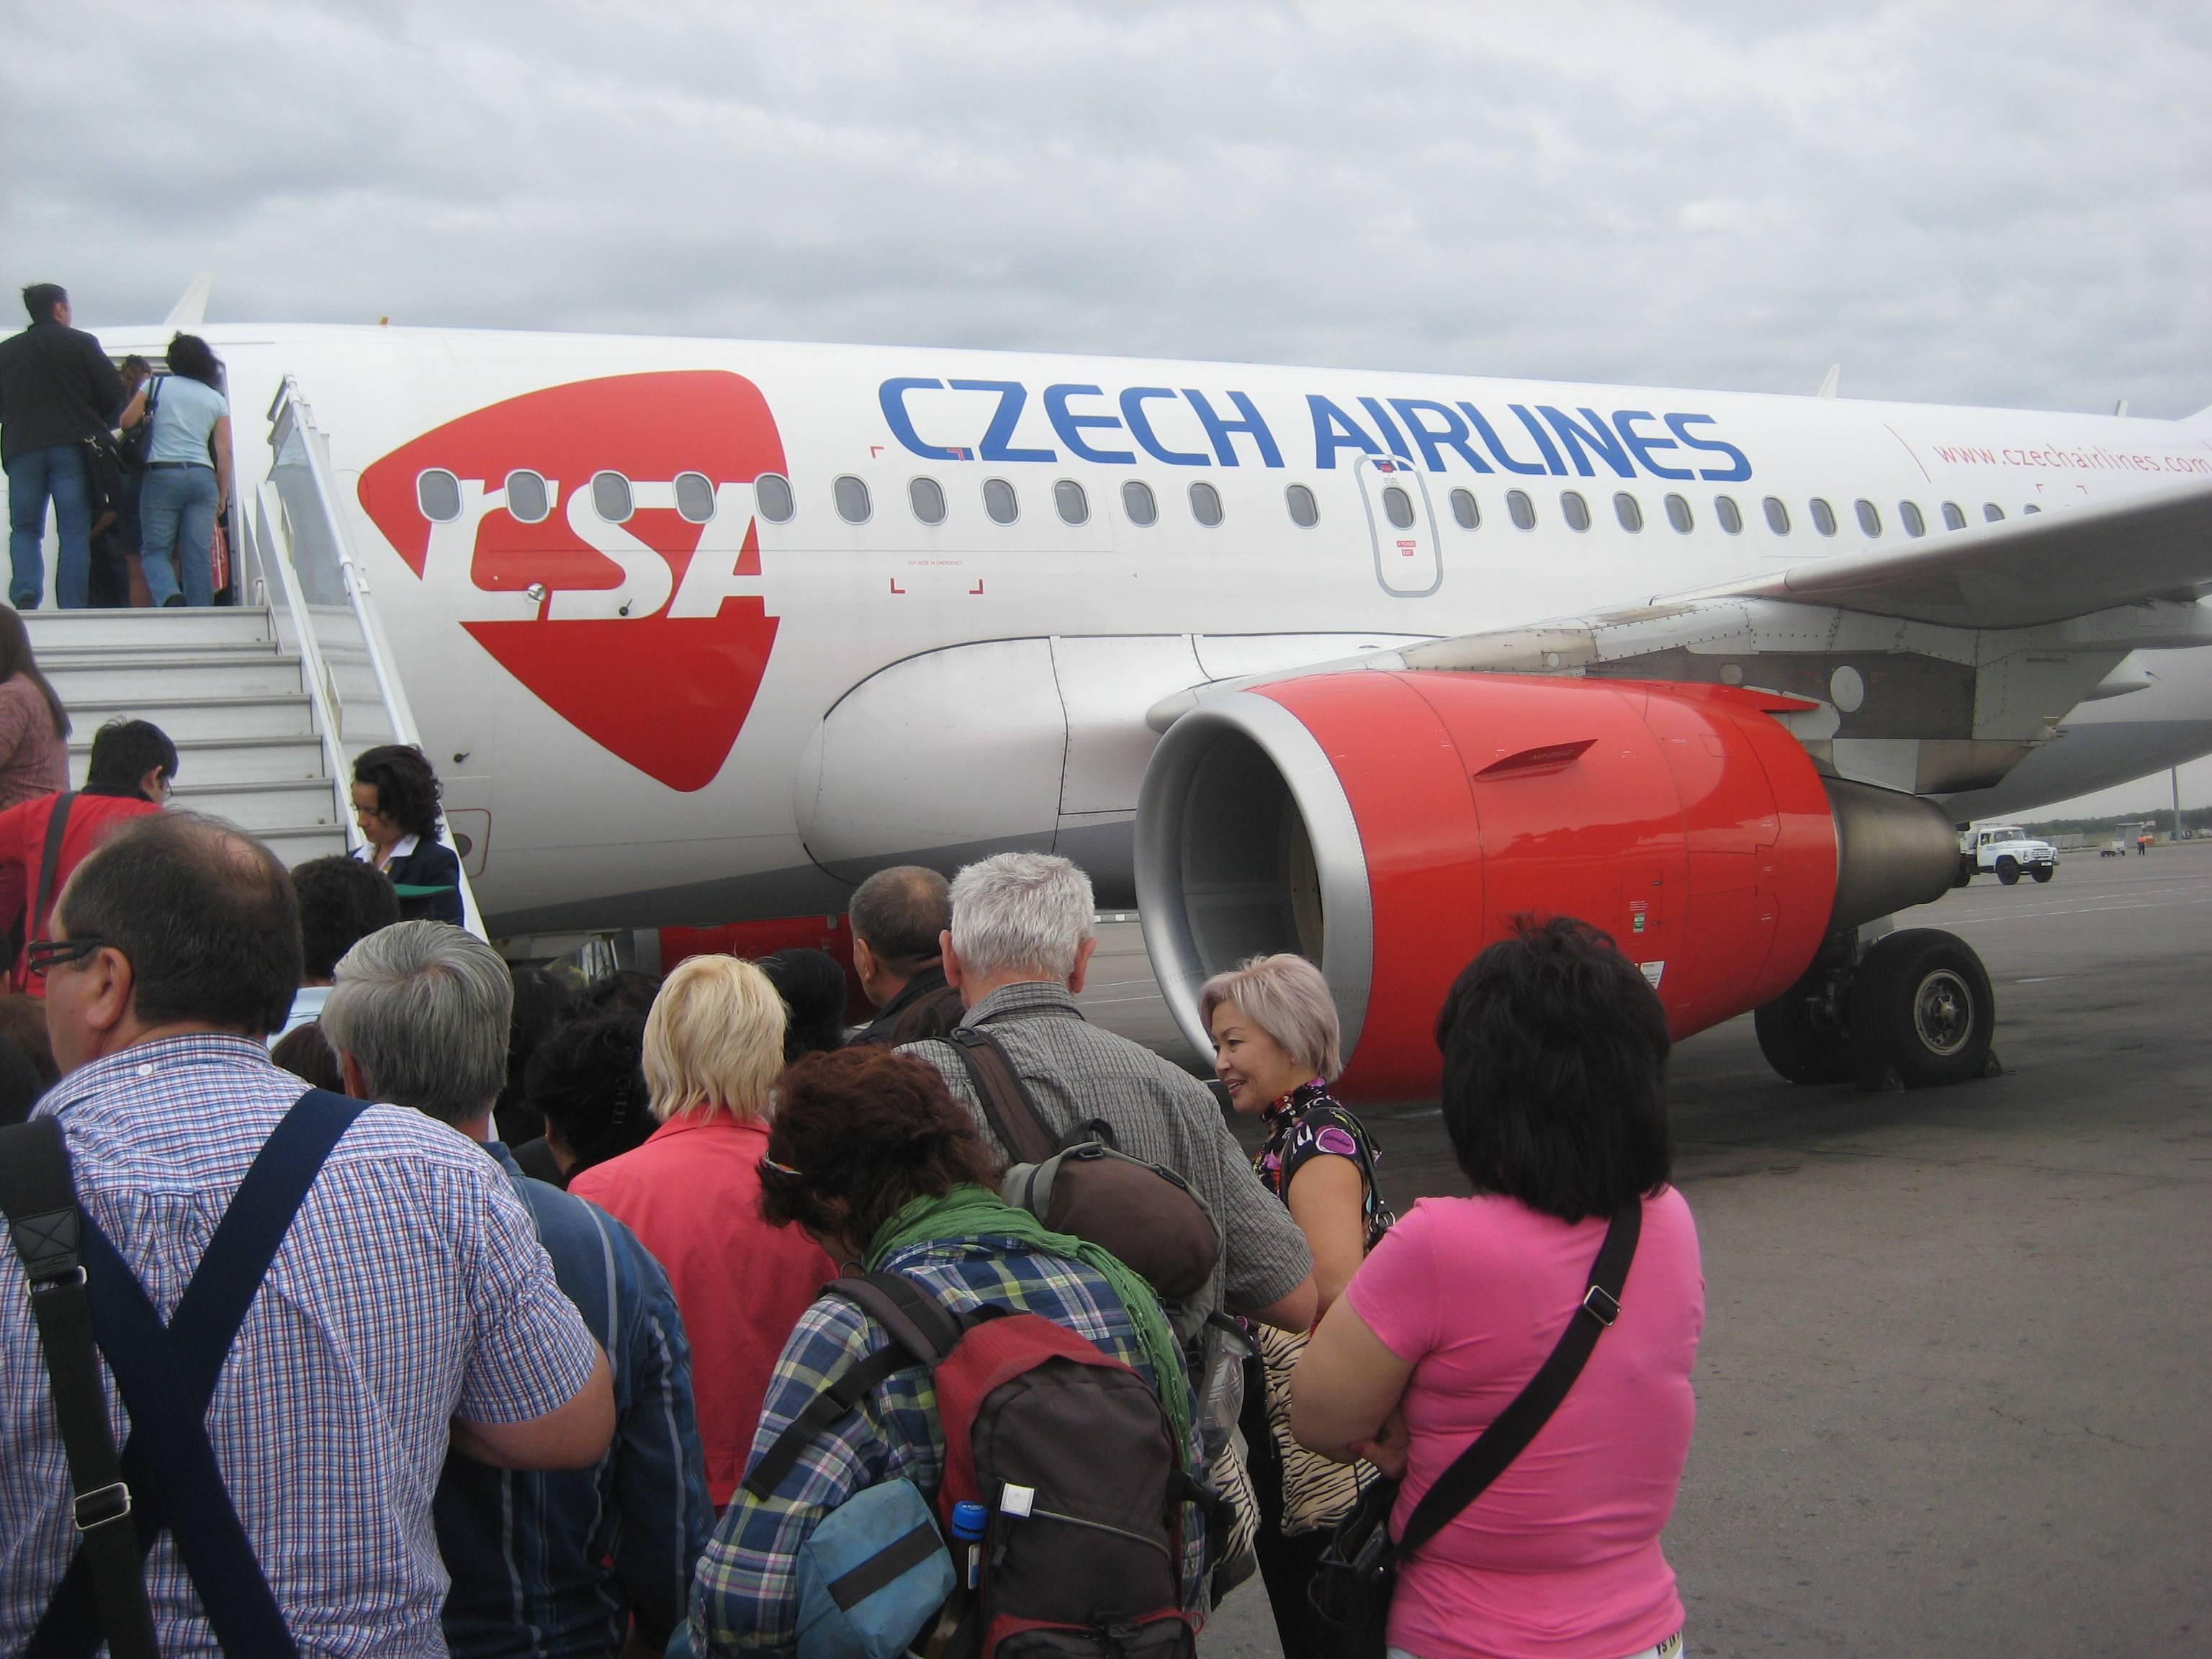 Чешские авиалинии czech airlines: авиапарк, регистрация, услуги